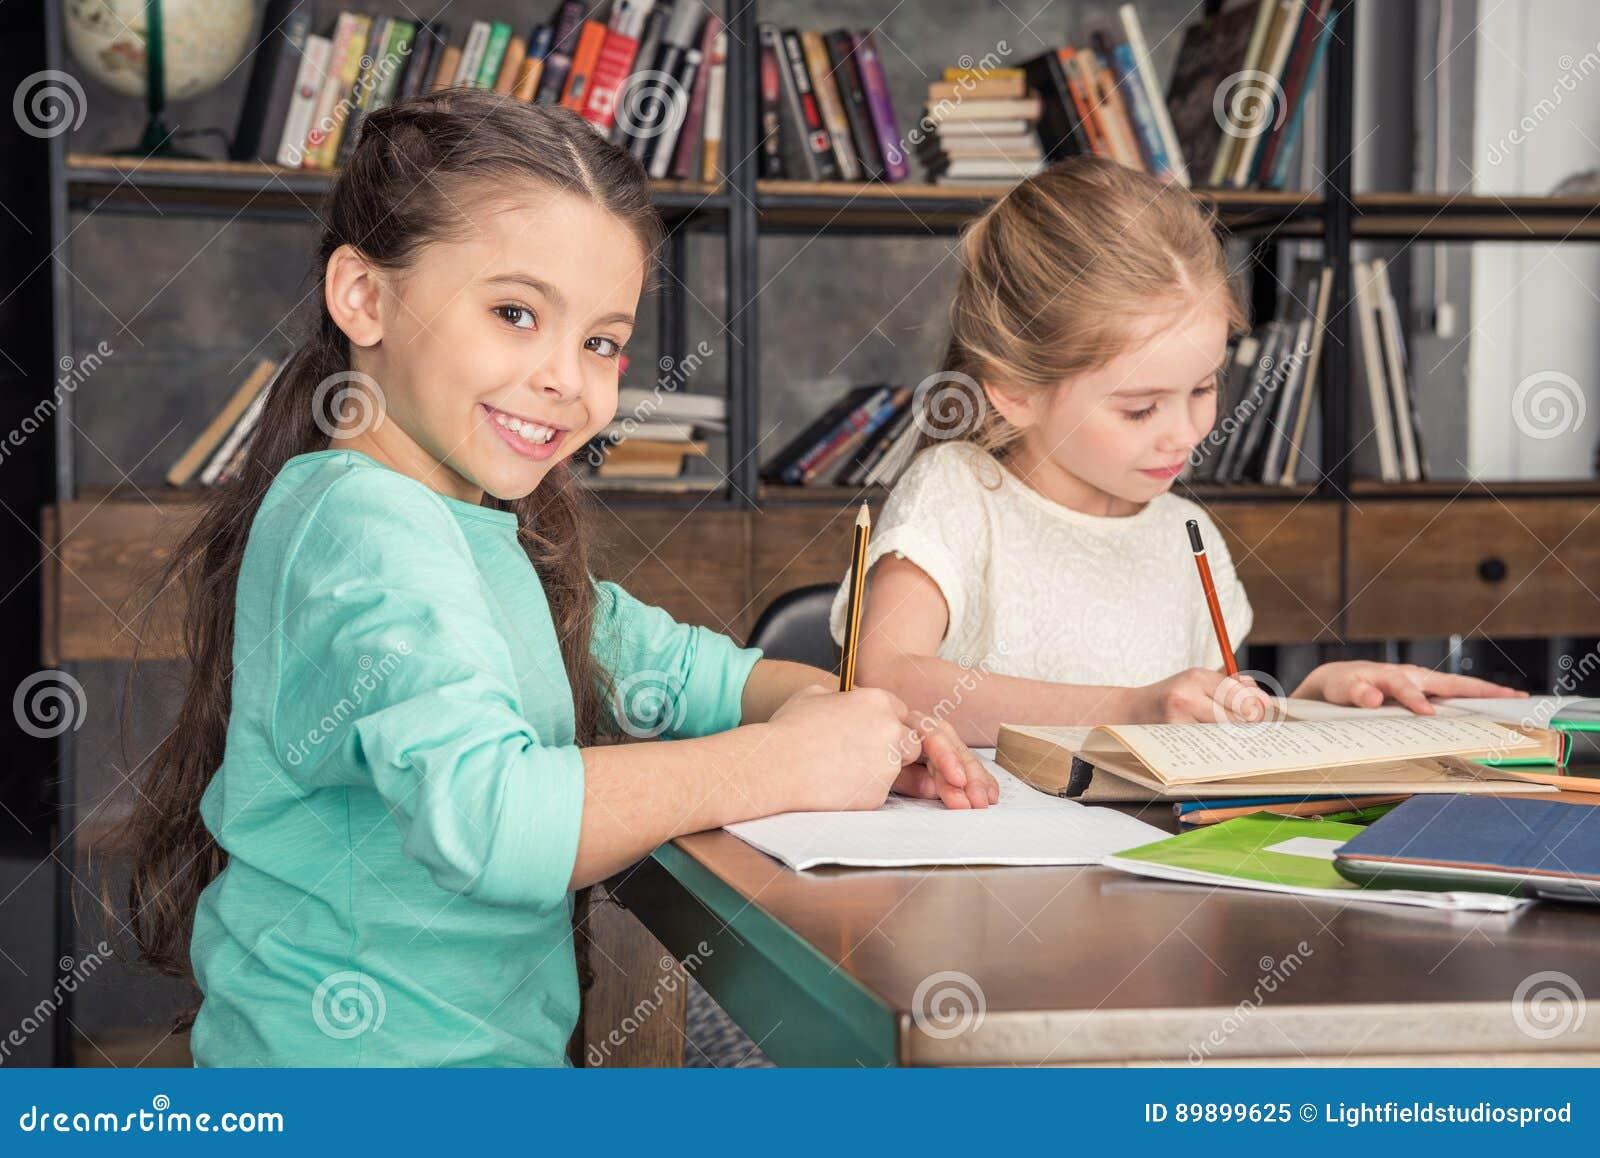 Klasgenoten die thuiswerk samen in bibliotheek doen